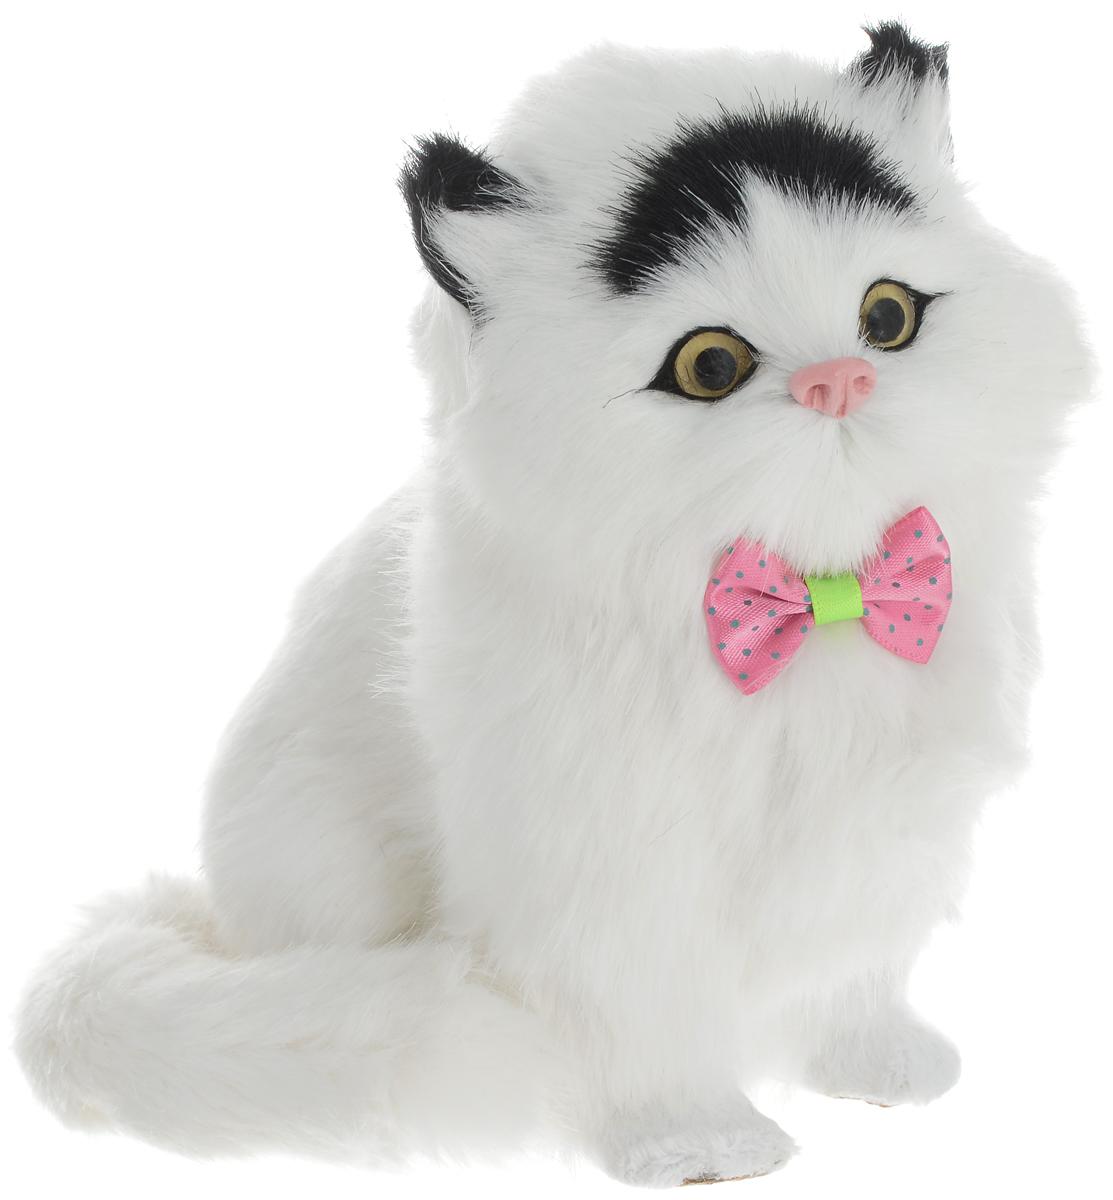 Vebtoy Фигурка Котенок сидящий цвет белый C350 vebtoy фигурка котенок сидящий цвет белый c226